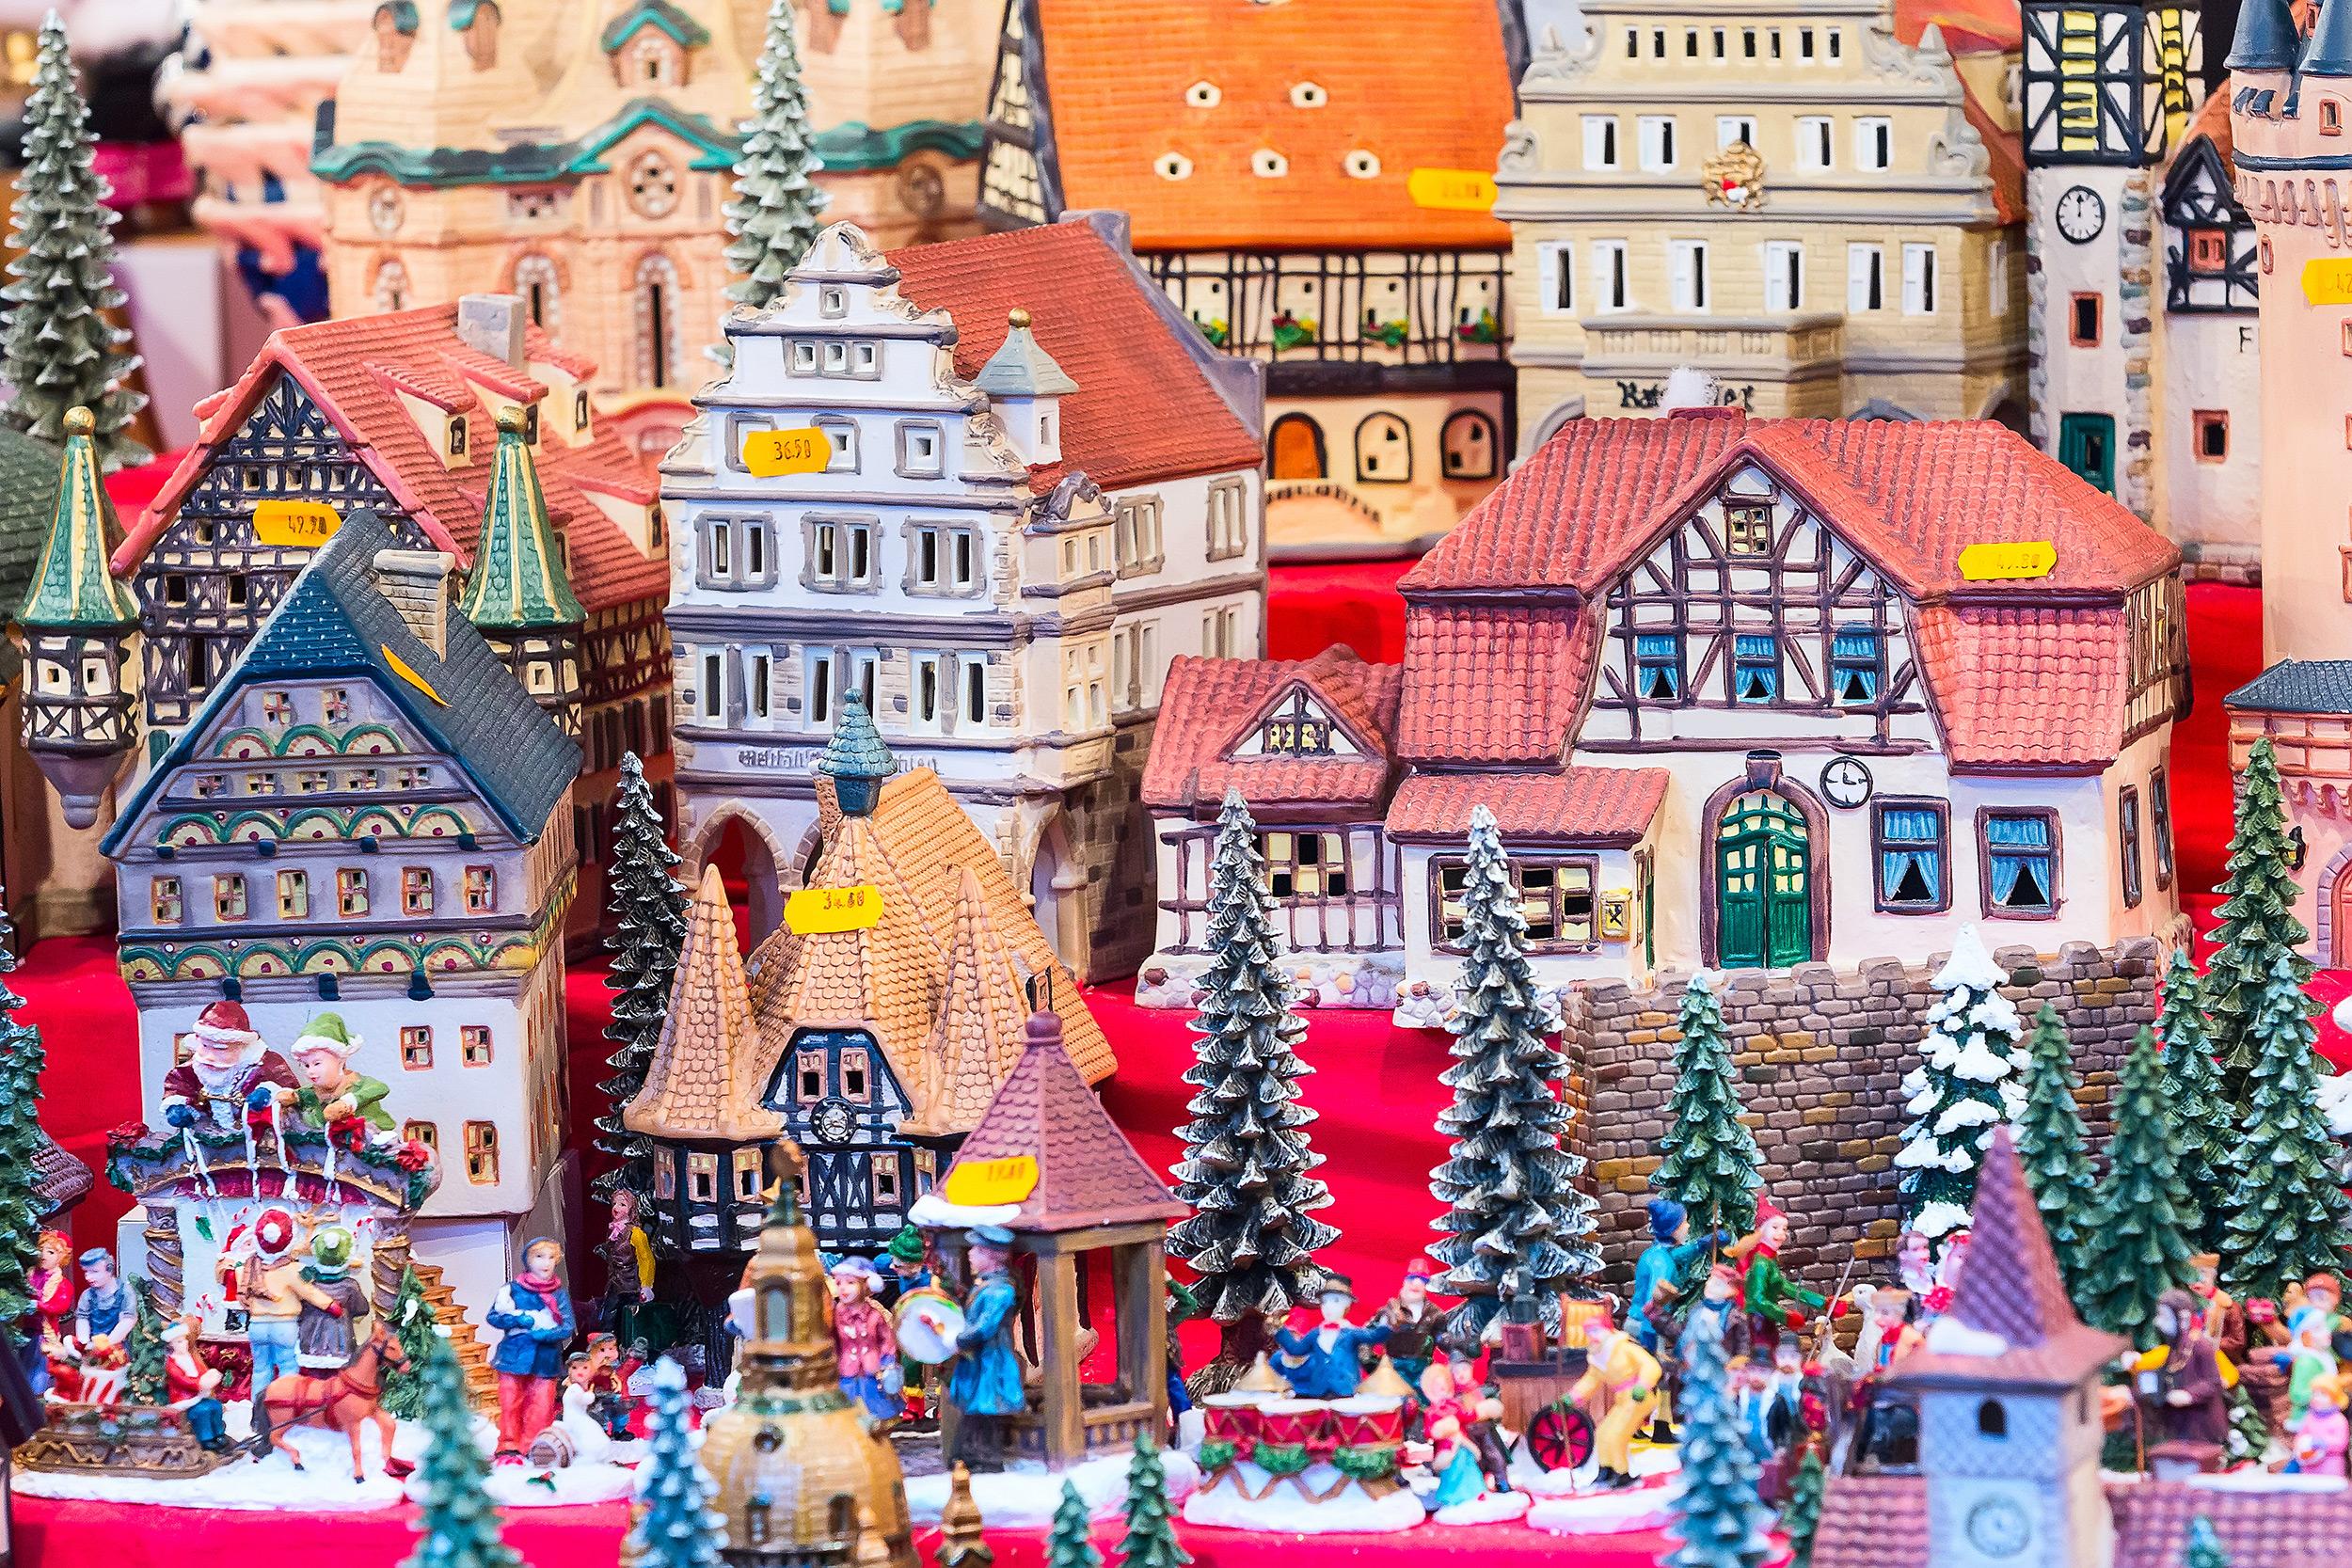 Weihnachtsmarkt Nürnberg.Weltbekannt 3 Tage Nürnberger Weihnachtsmarkt Mit 4 Hotel